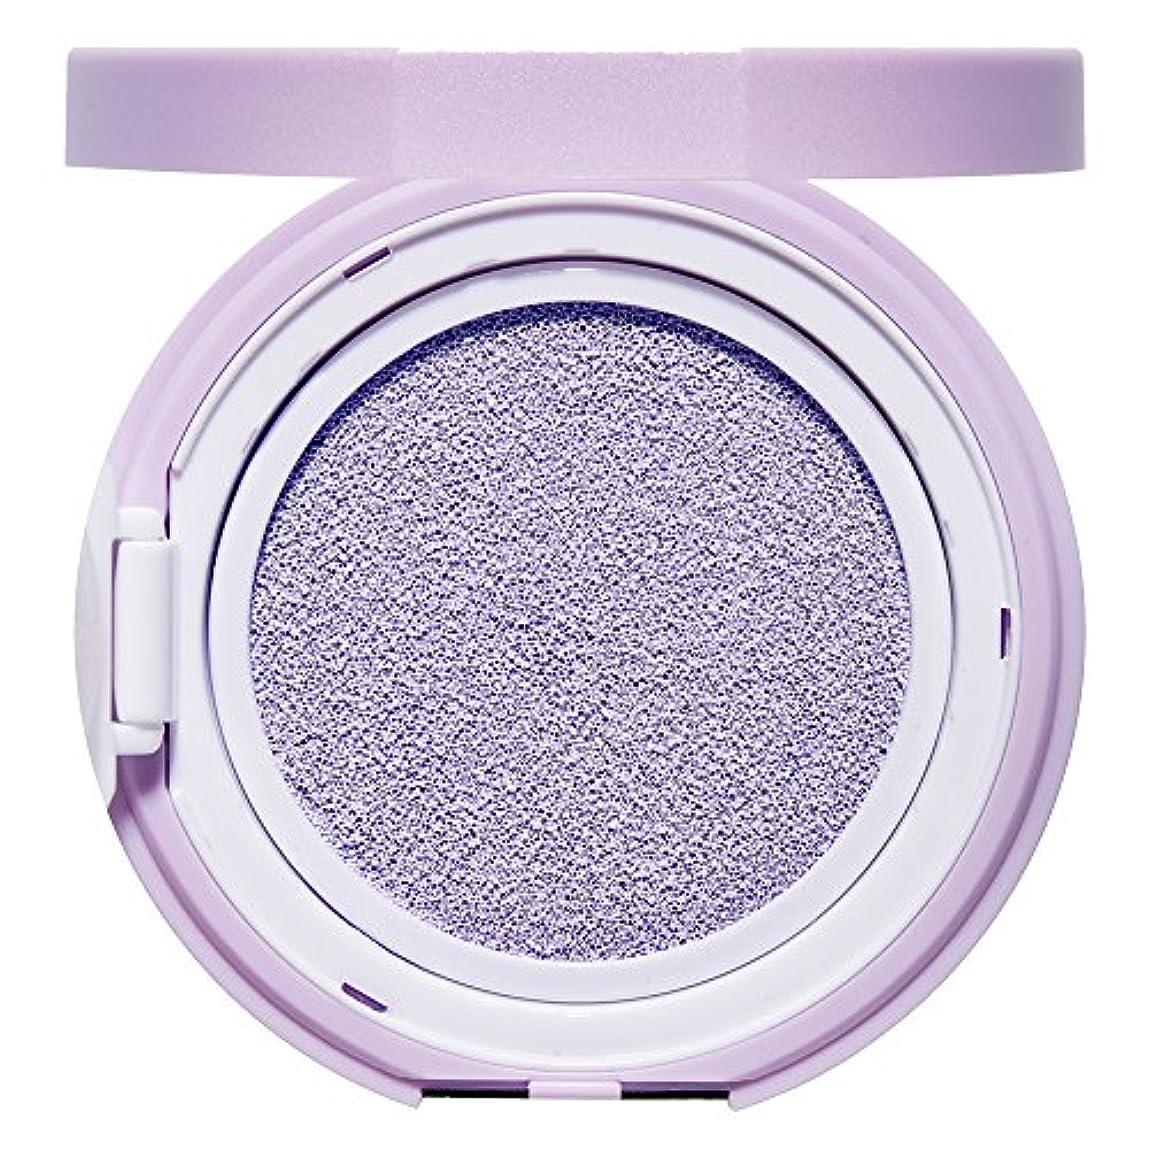 微生物店主コンペエチュードハウス(ETUDE HOUSE) エニークッション カラーコレクター Lavender[化粧下地、コントロールカラー、紫、パープル]